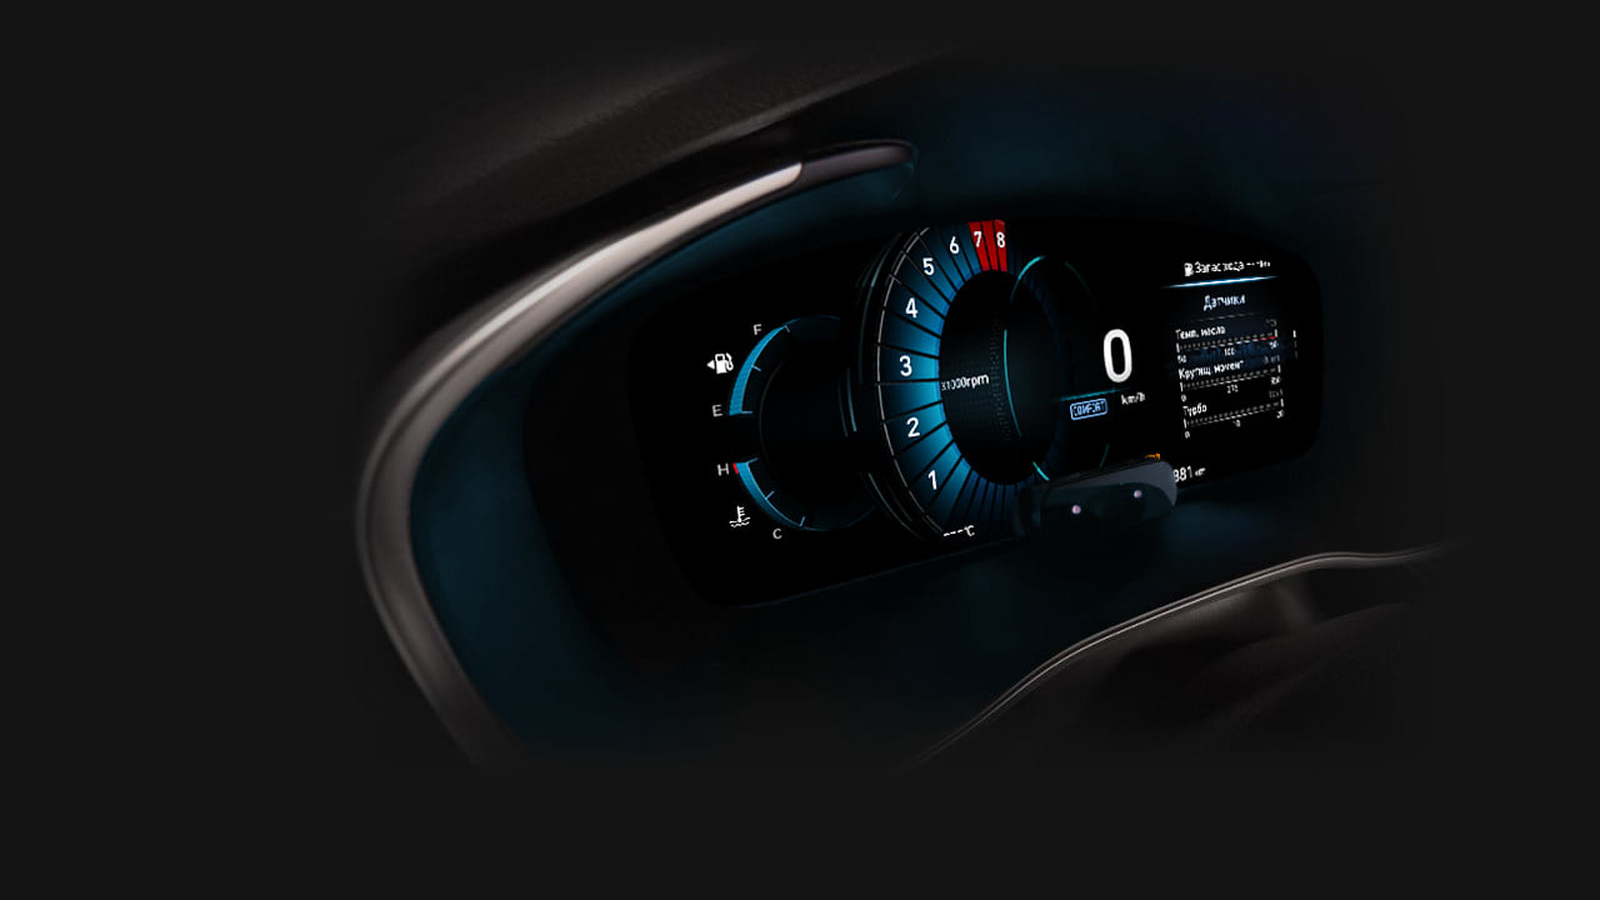 Седан Genesis G70 обзавелся новой комплектацией - Авто Mail.ru